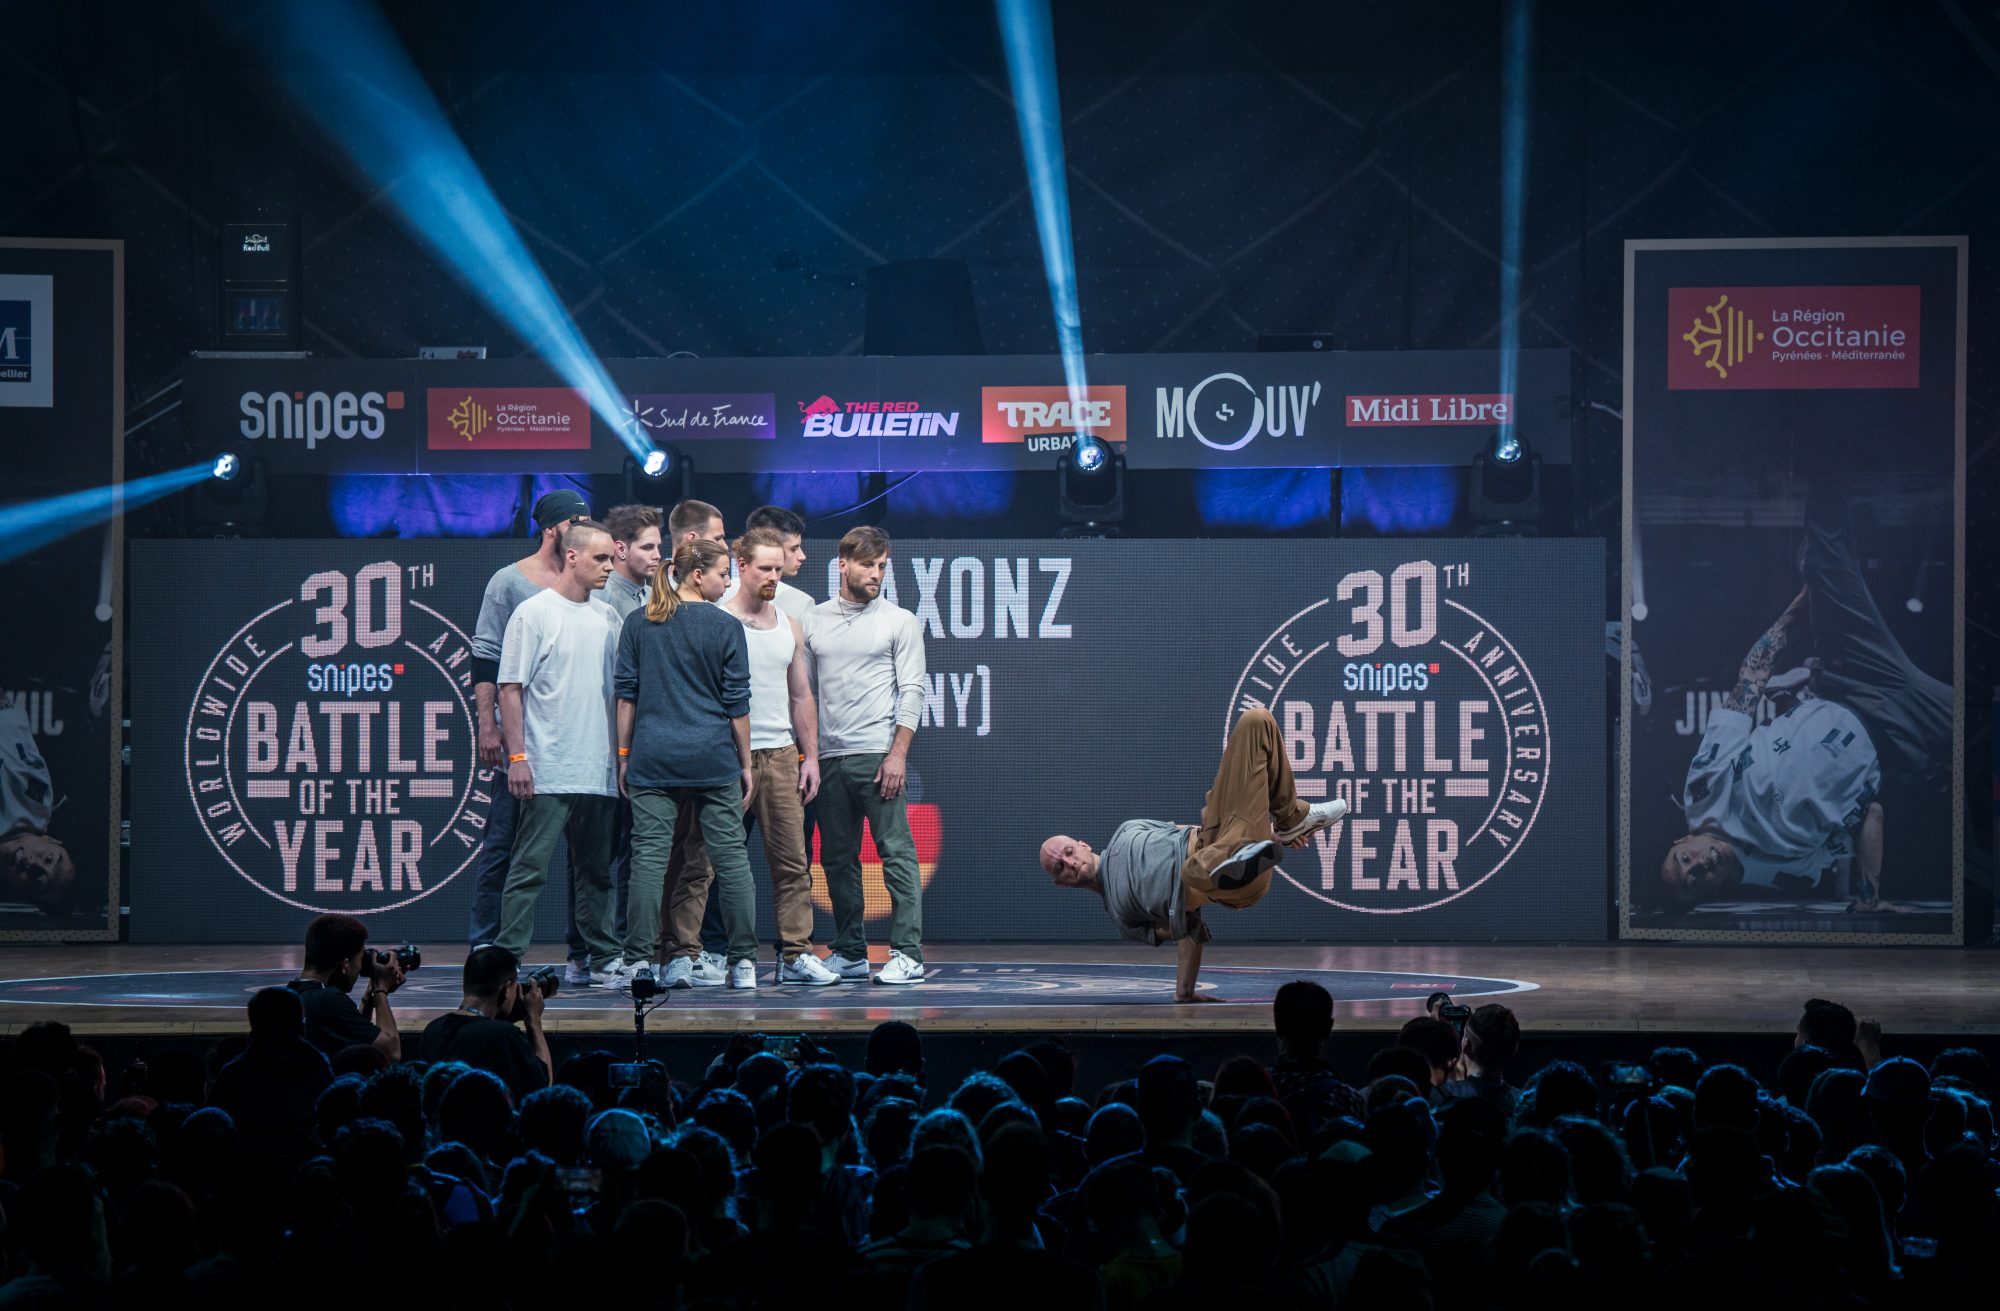 BOTY2019 – The Saxonz Showcase